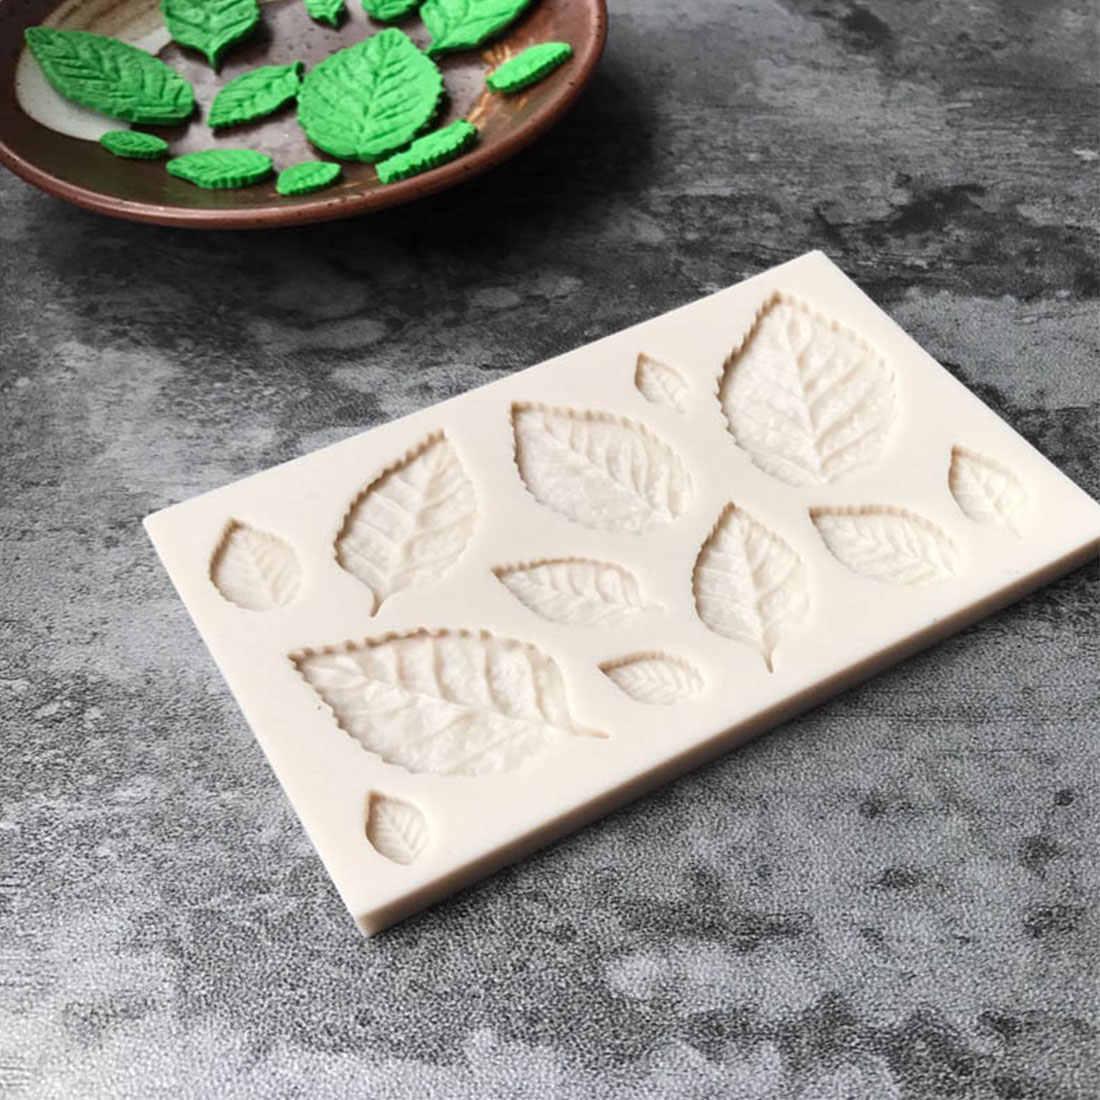 Date bricolage arbre feuille presse moulage feuille moule Silicone moule gâteau décor Fondant gâteau 3D feuilles Silicone moule